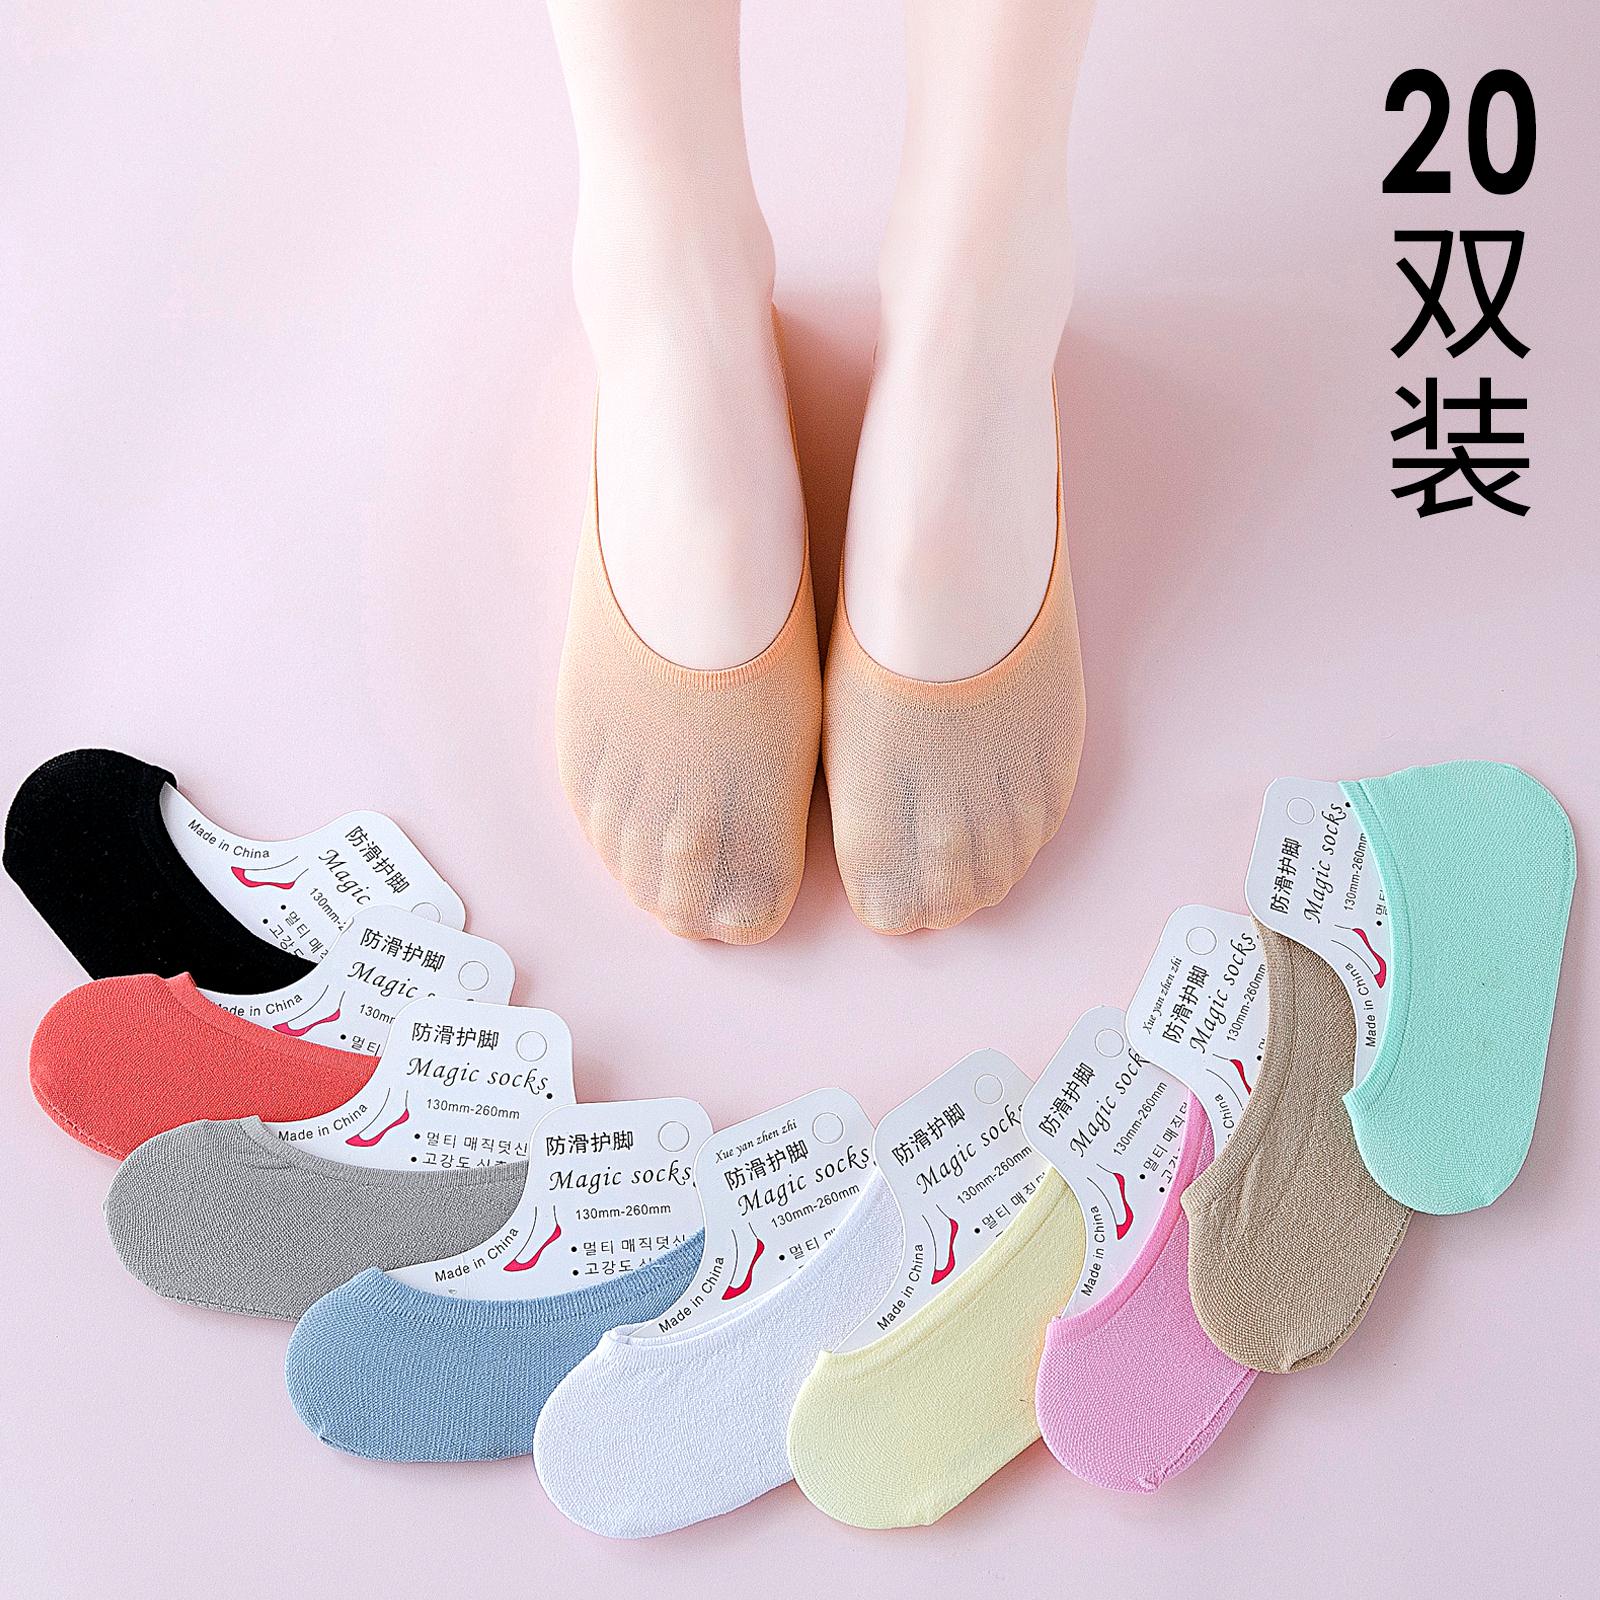 女船袜子女浅口硅胶防滑夏季丝袜12月10日最新优惠